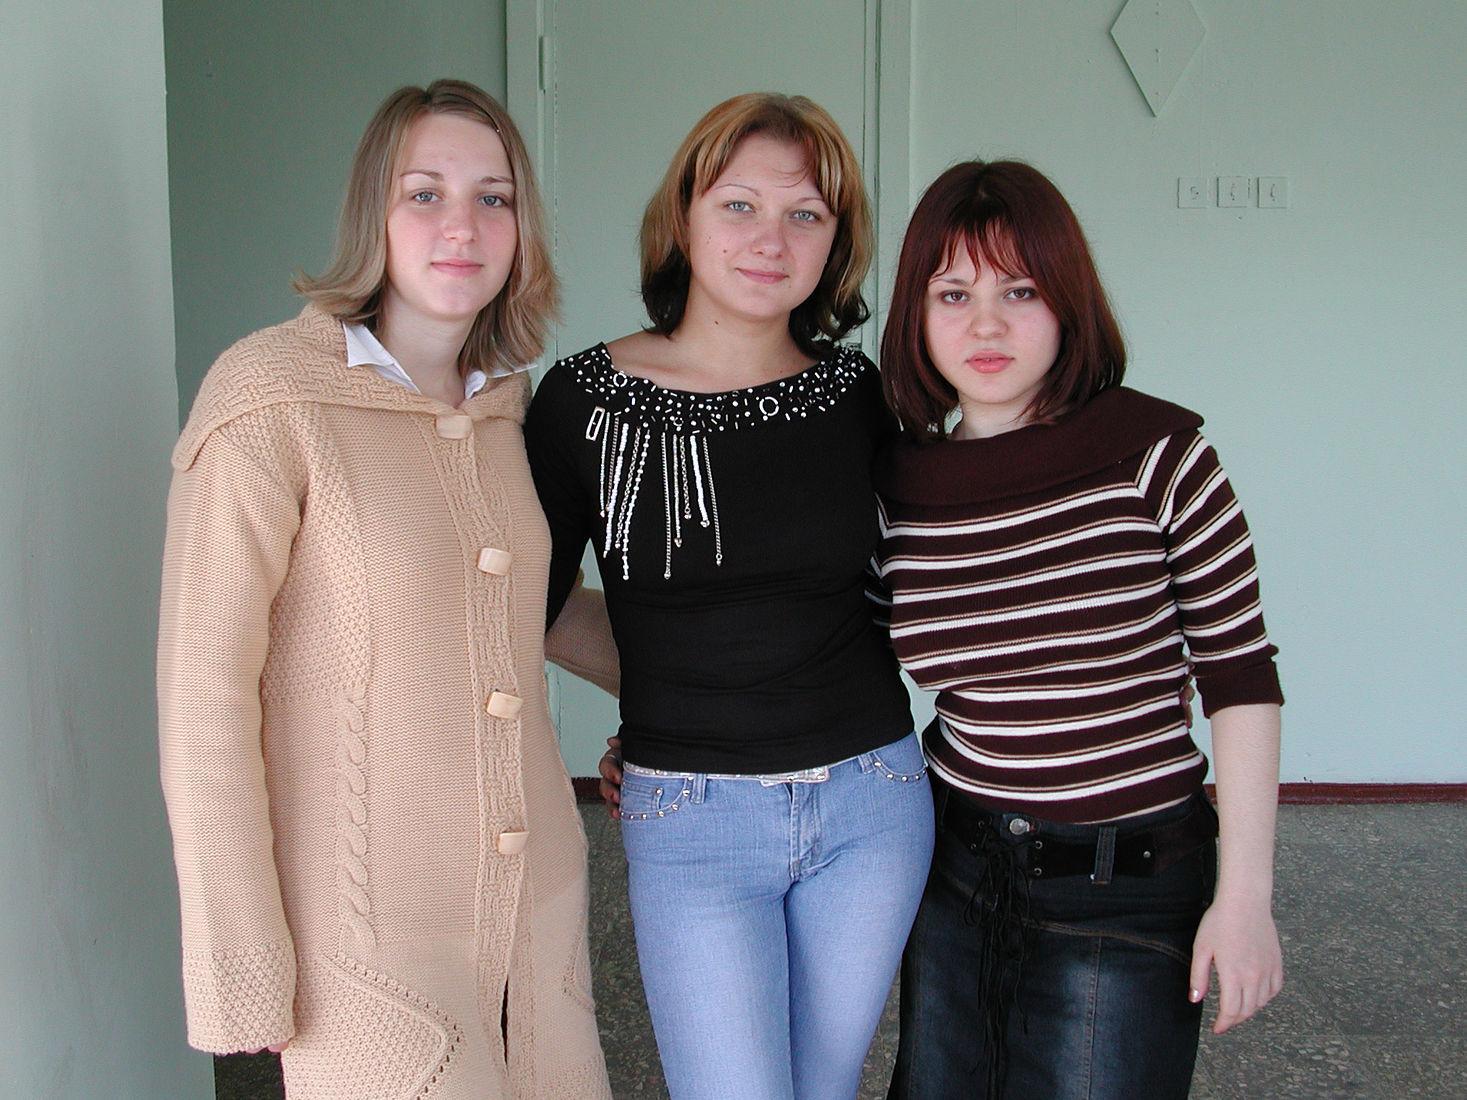 Юрий Антипычев. Ecce Homo. Ира, Вика и Лорена, 2003